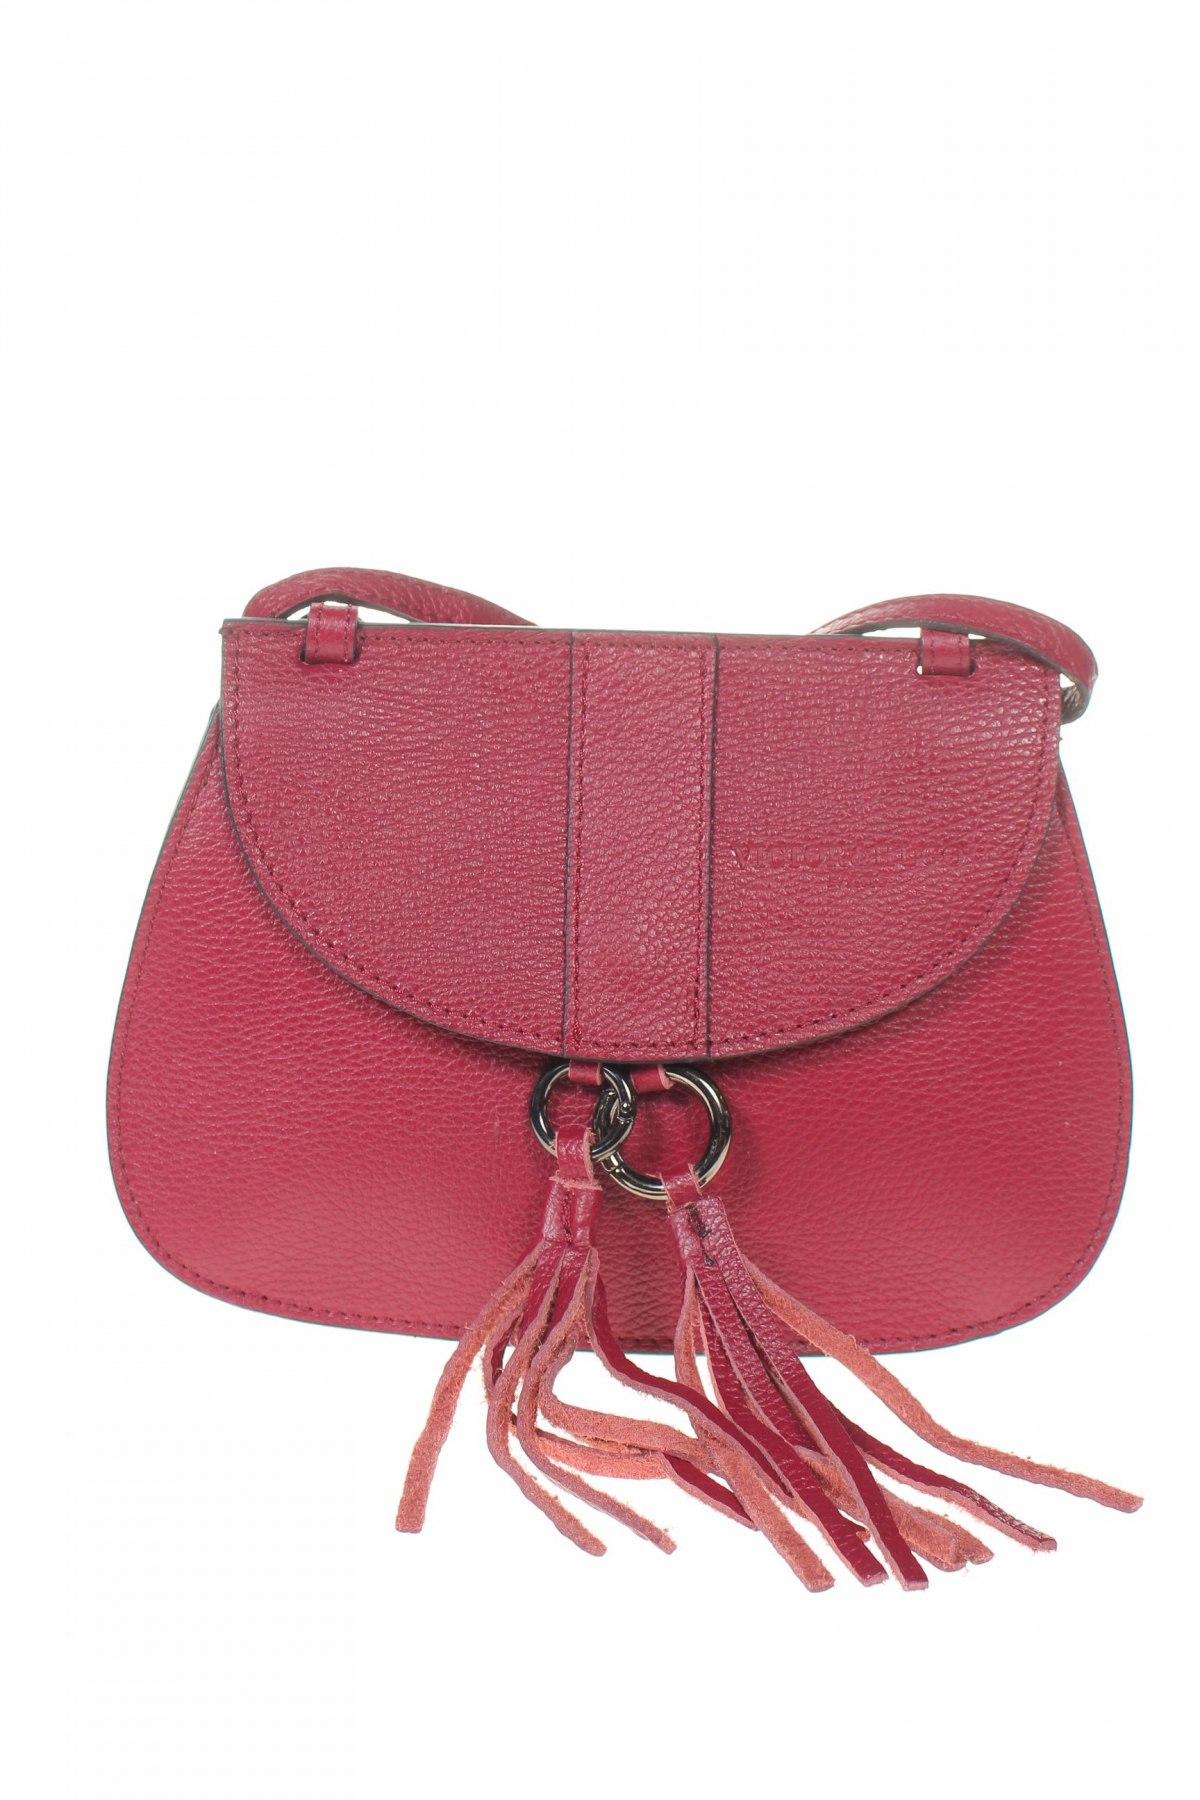 Дамска чанта VICTOR&HUGO, Цвят Лилав, Естествена кожа, Цена 216,75лв.